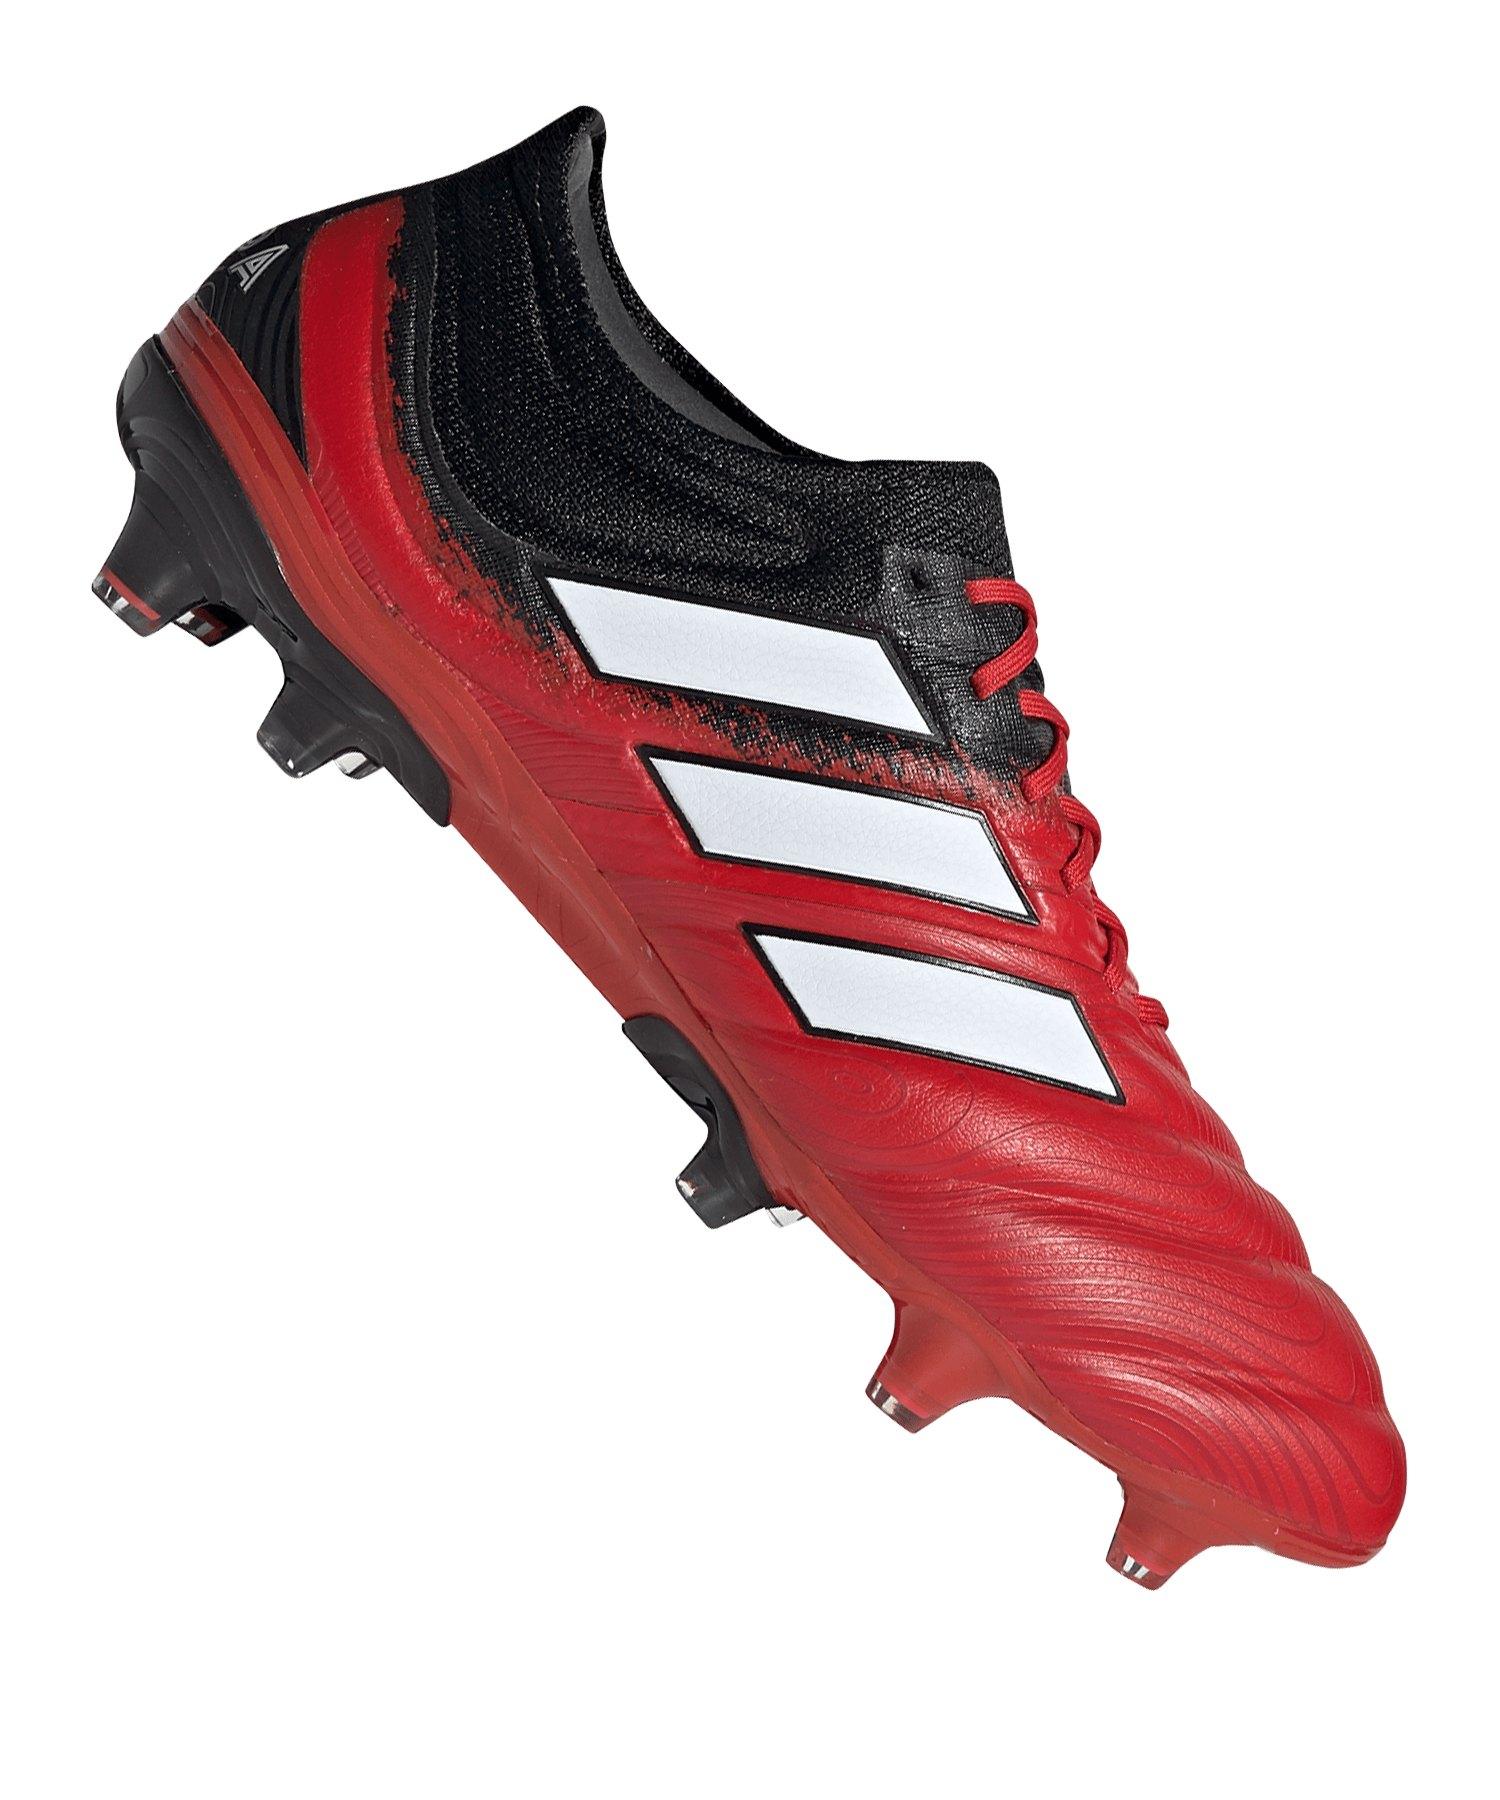 adidas COPA 20.1 FG Rot Schwarz